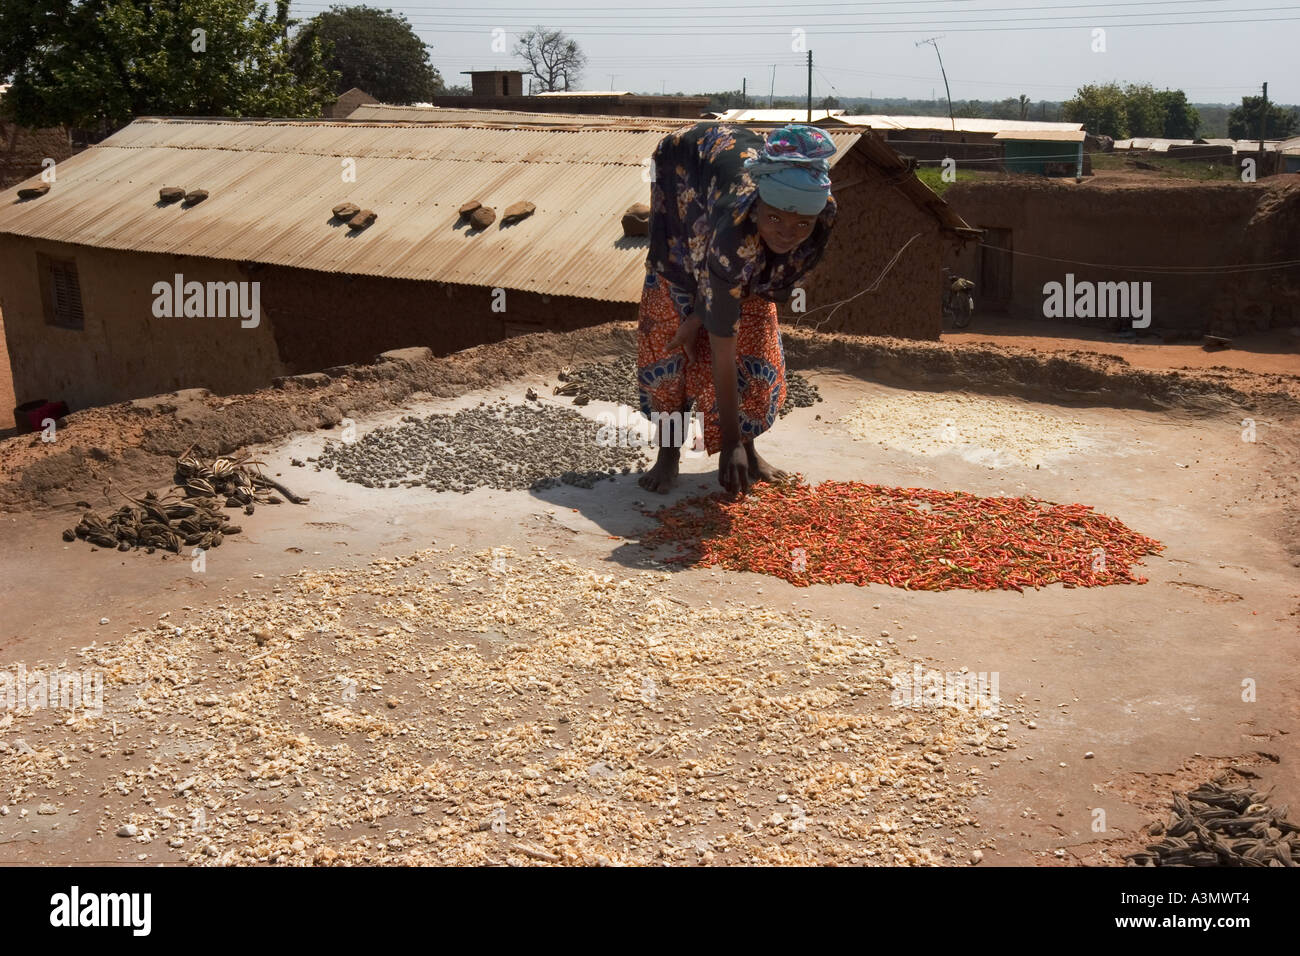 Village woman Larabanga Ghana drying seeds and grain on roof of house - Stock Image